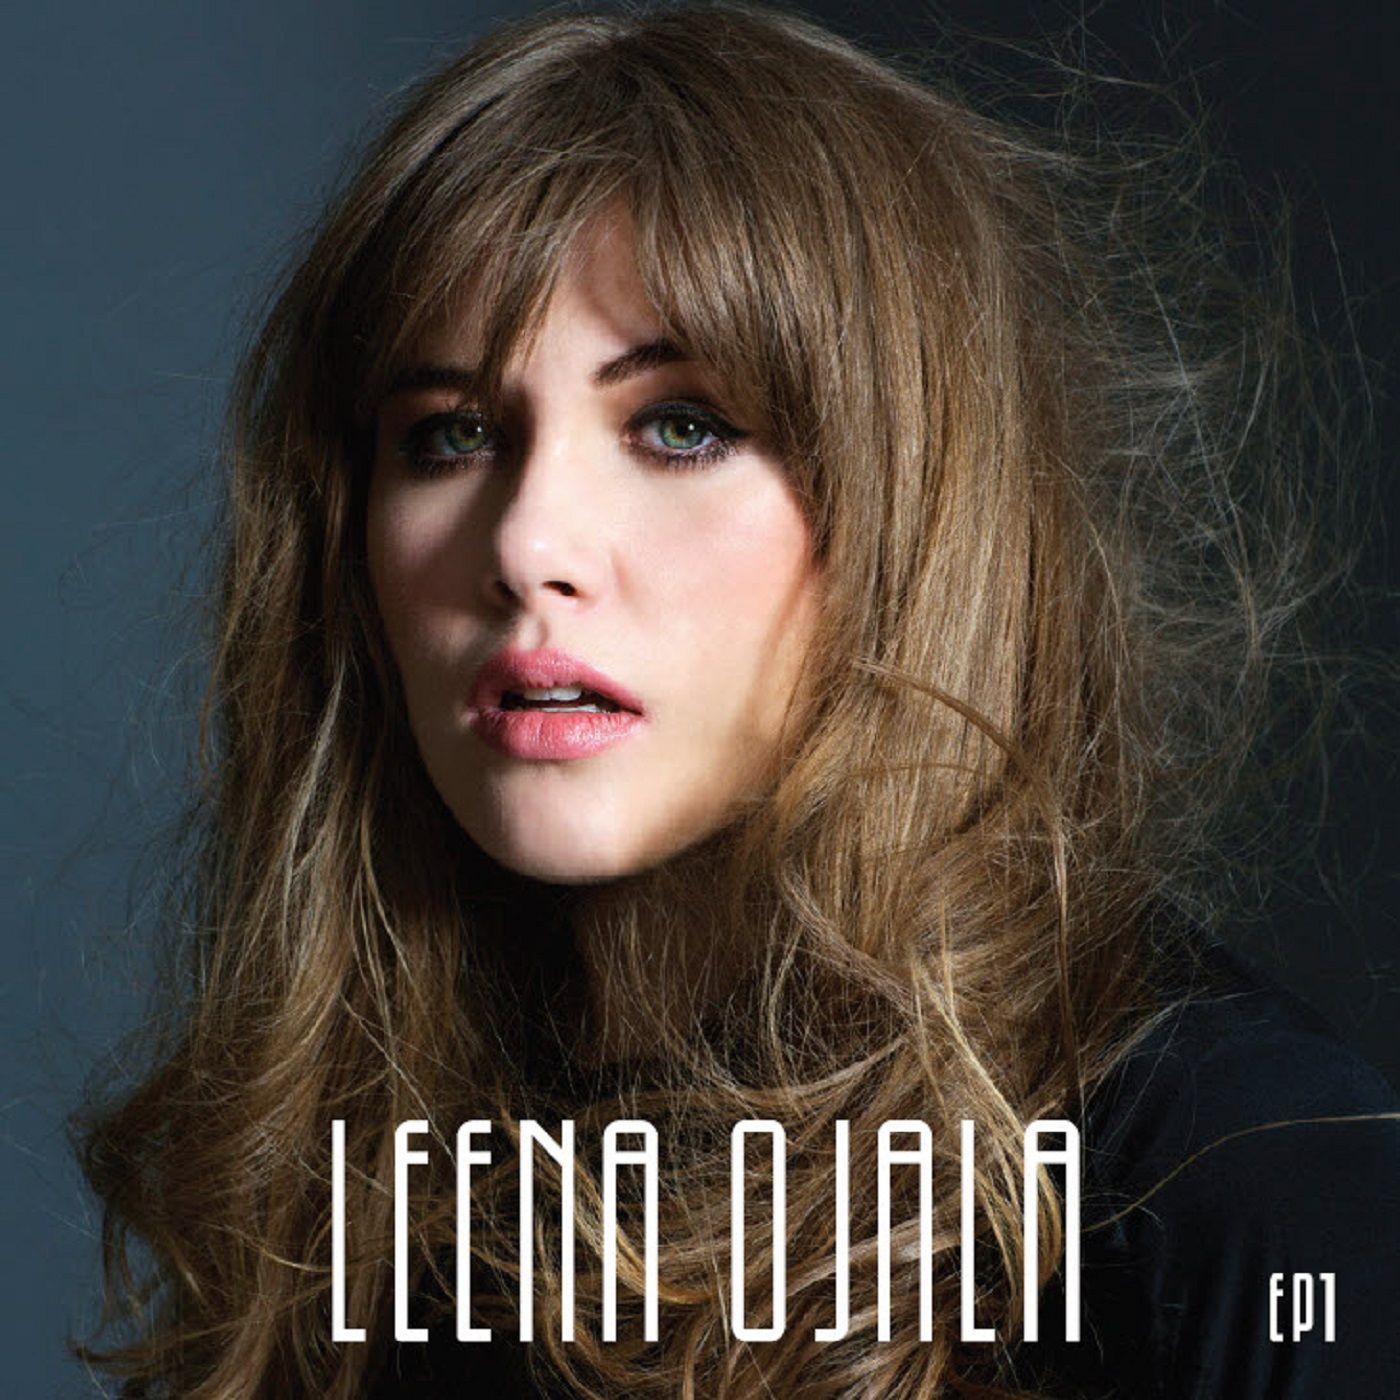 Leena Ojala